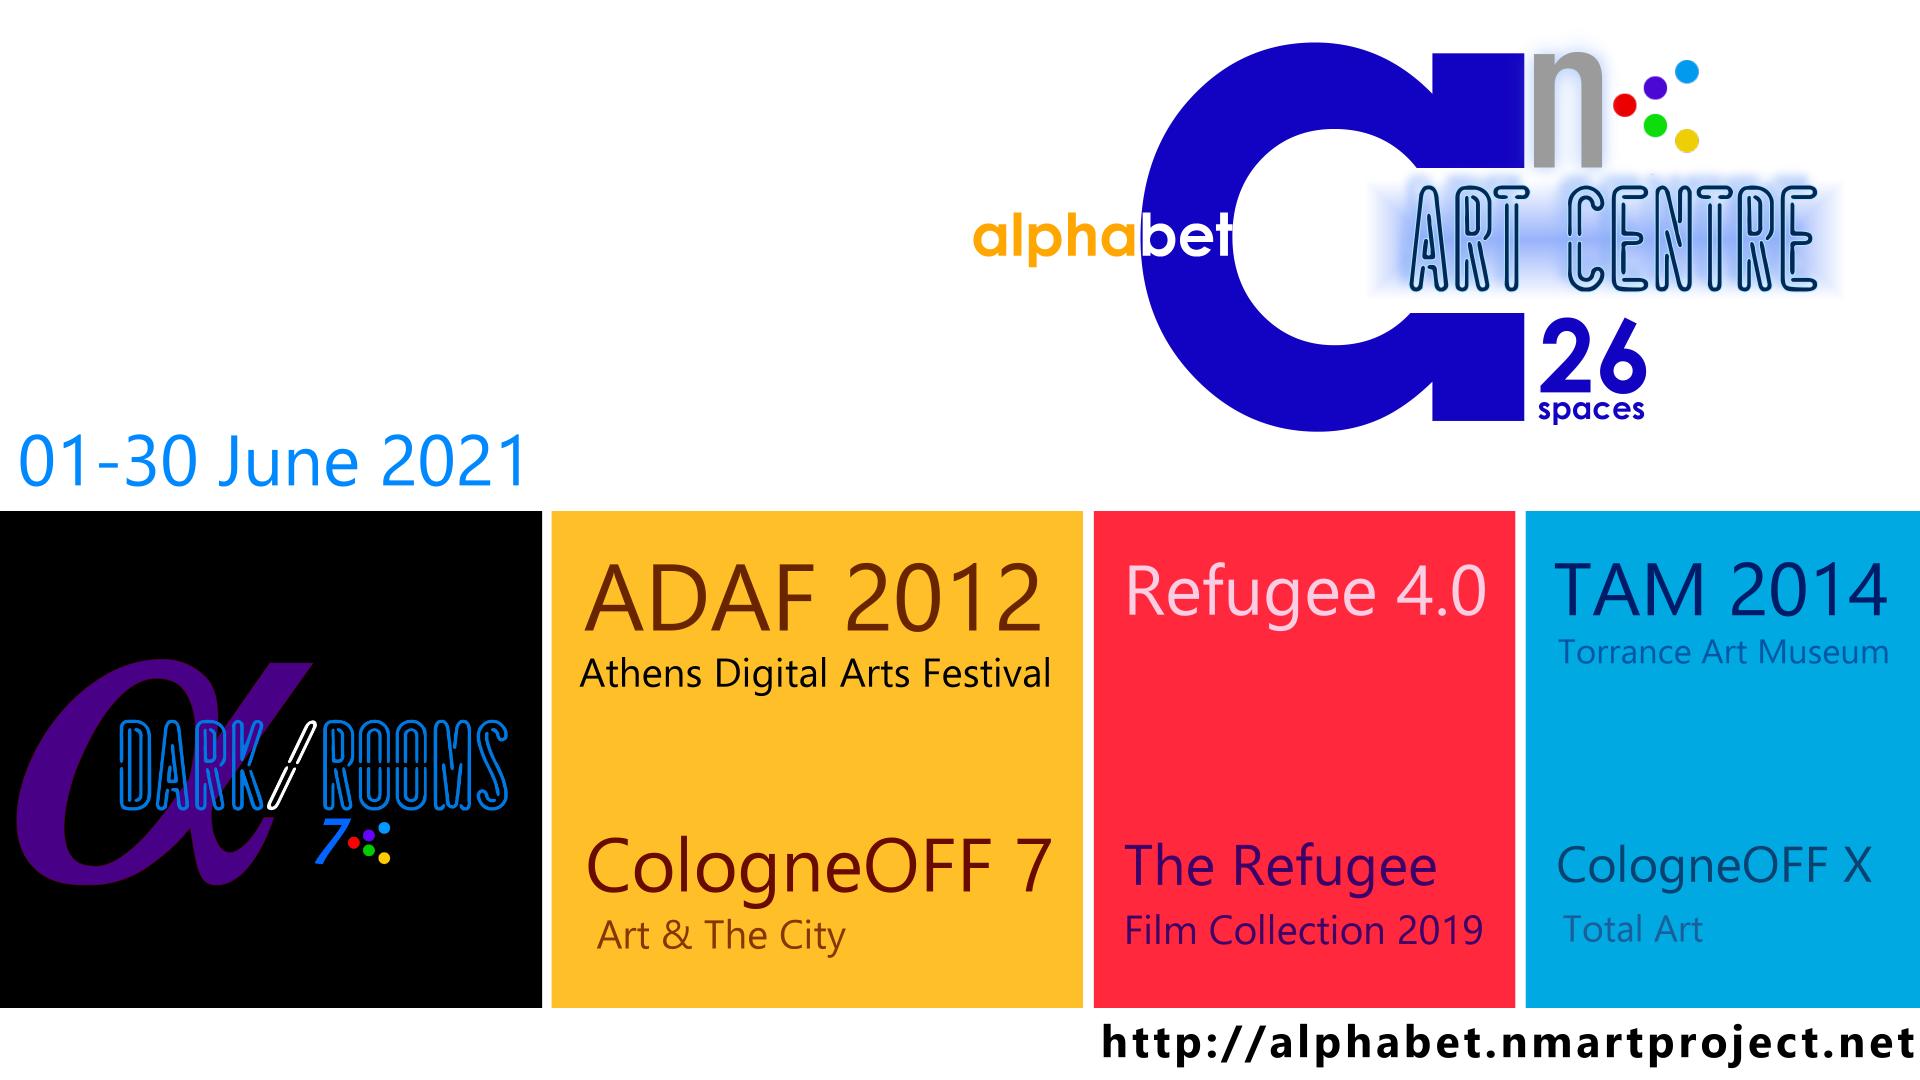 ALPHABET Art Centre